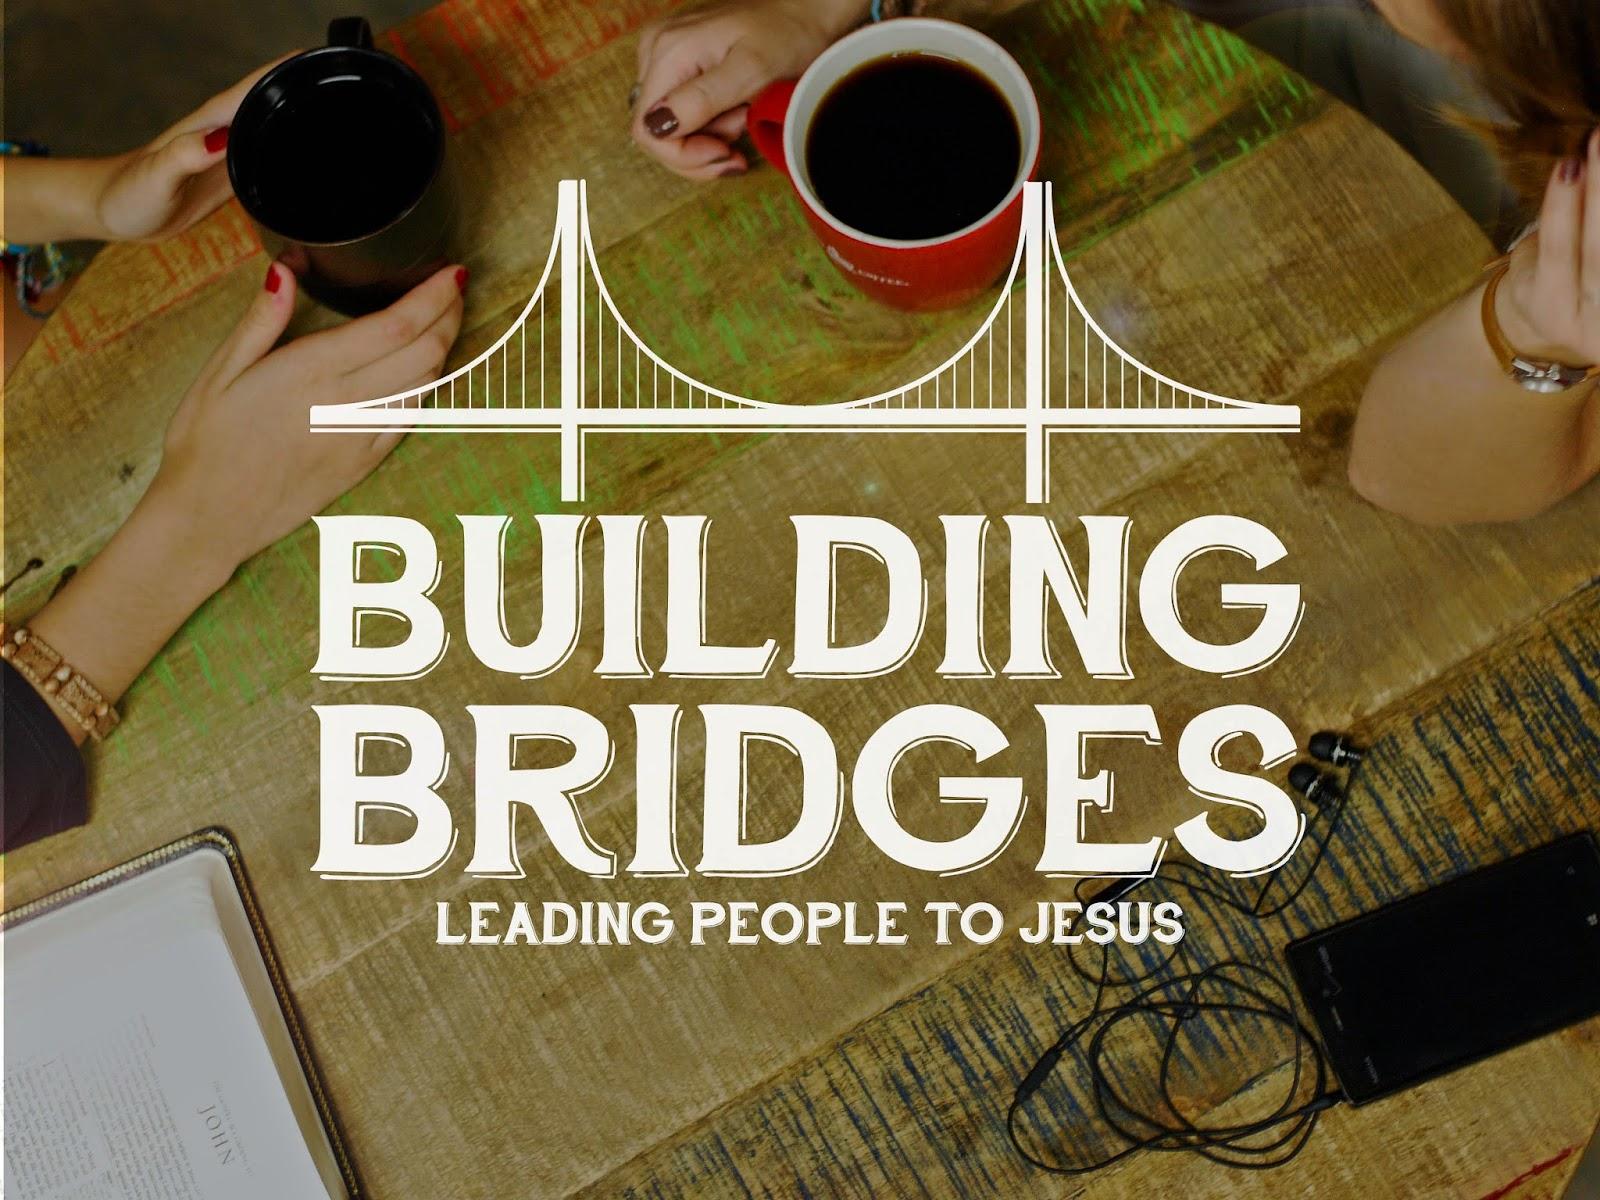 http://2.bp.blogspot.com/-bLxR3qnZnwY/U86KAJ1713I/AAAAAAAAAzw/TXUj6IUwBuI/s1600/bridges-01.jpg